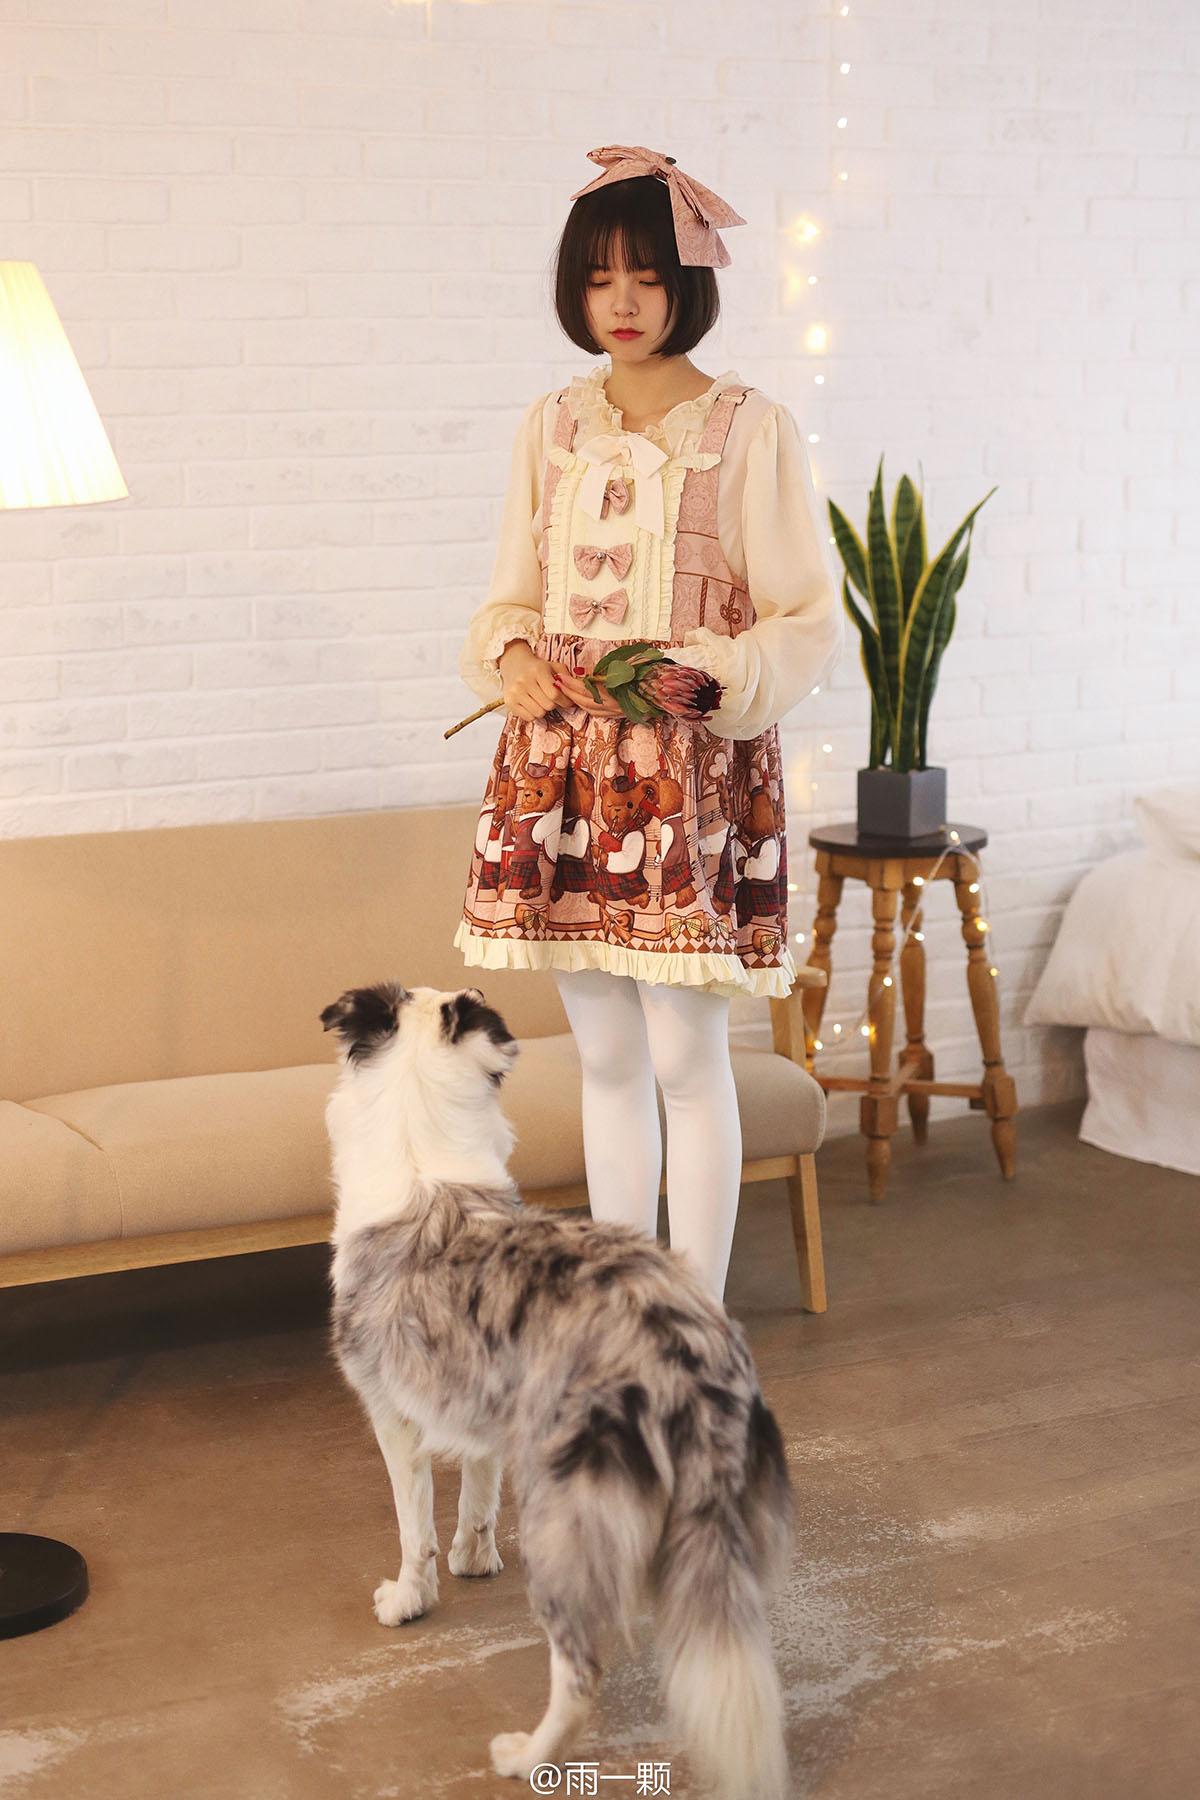 微博美女雨一颗洋装逗狗可爱多